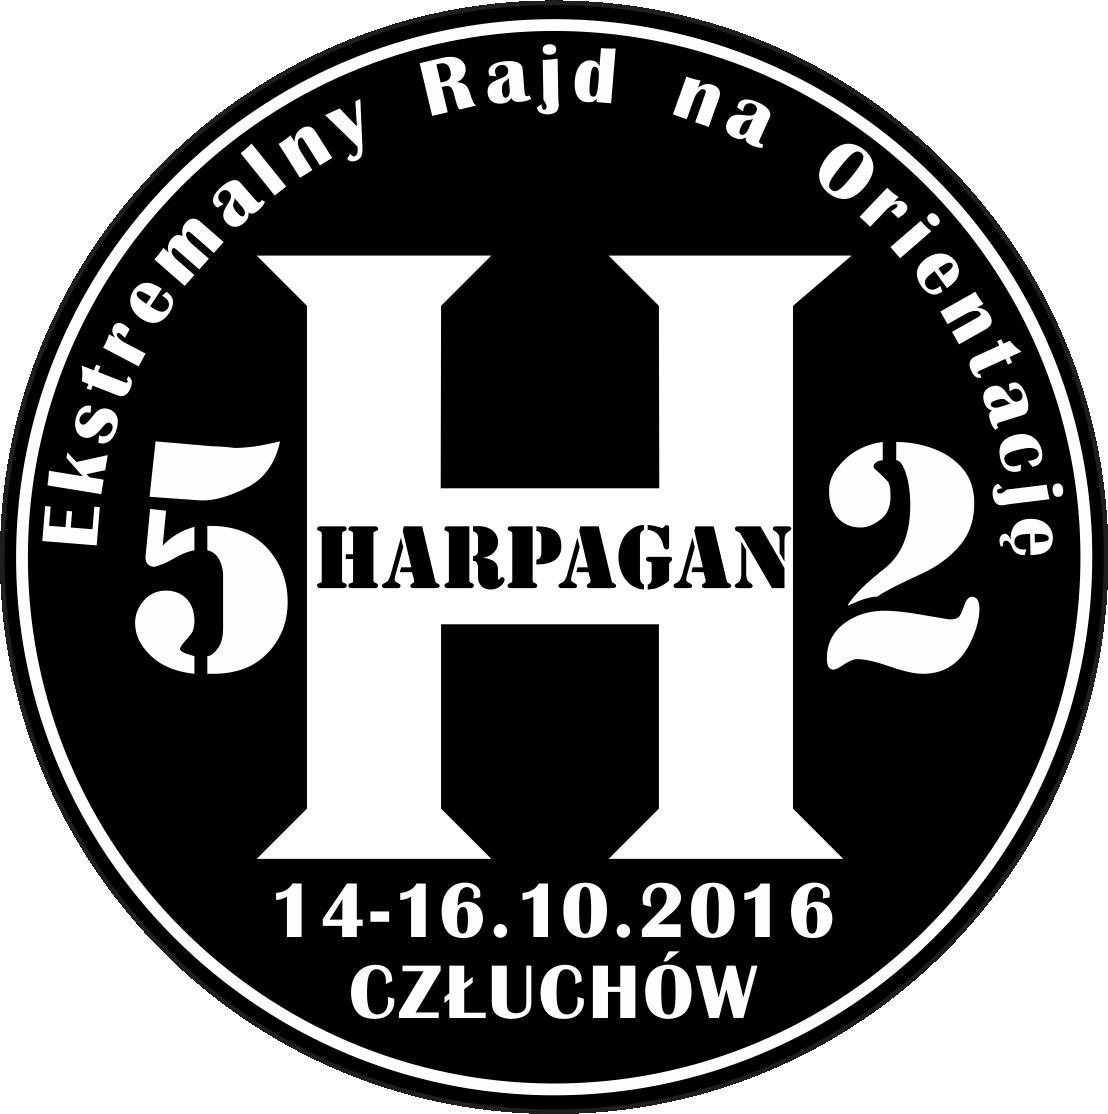 Ruszamy z zapisami na Harpagan